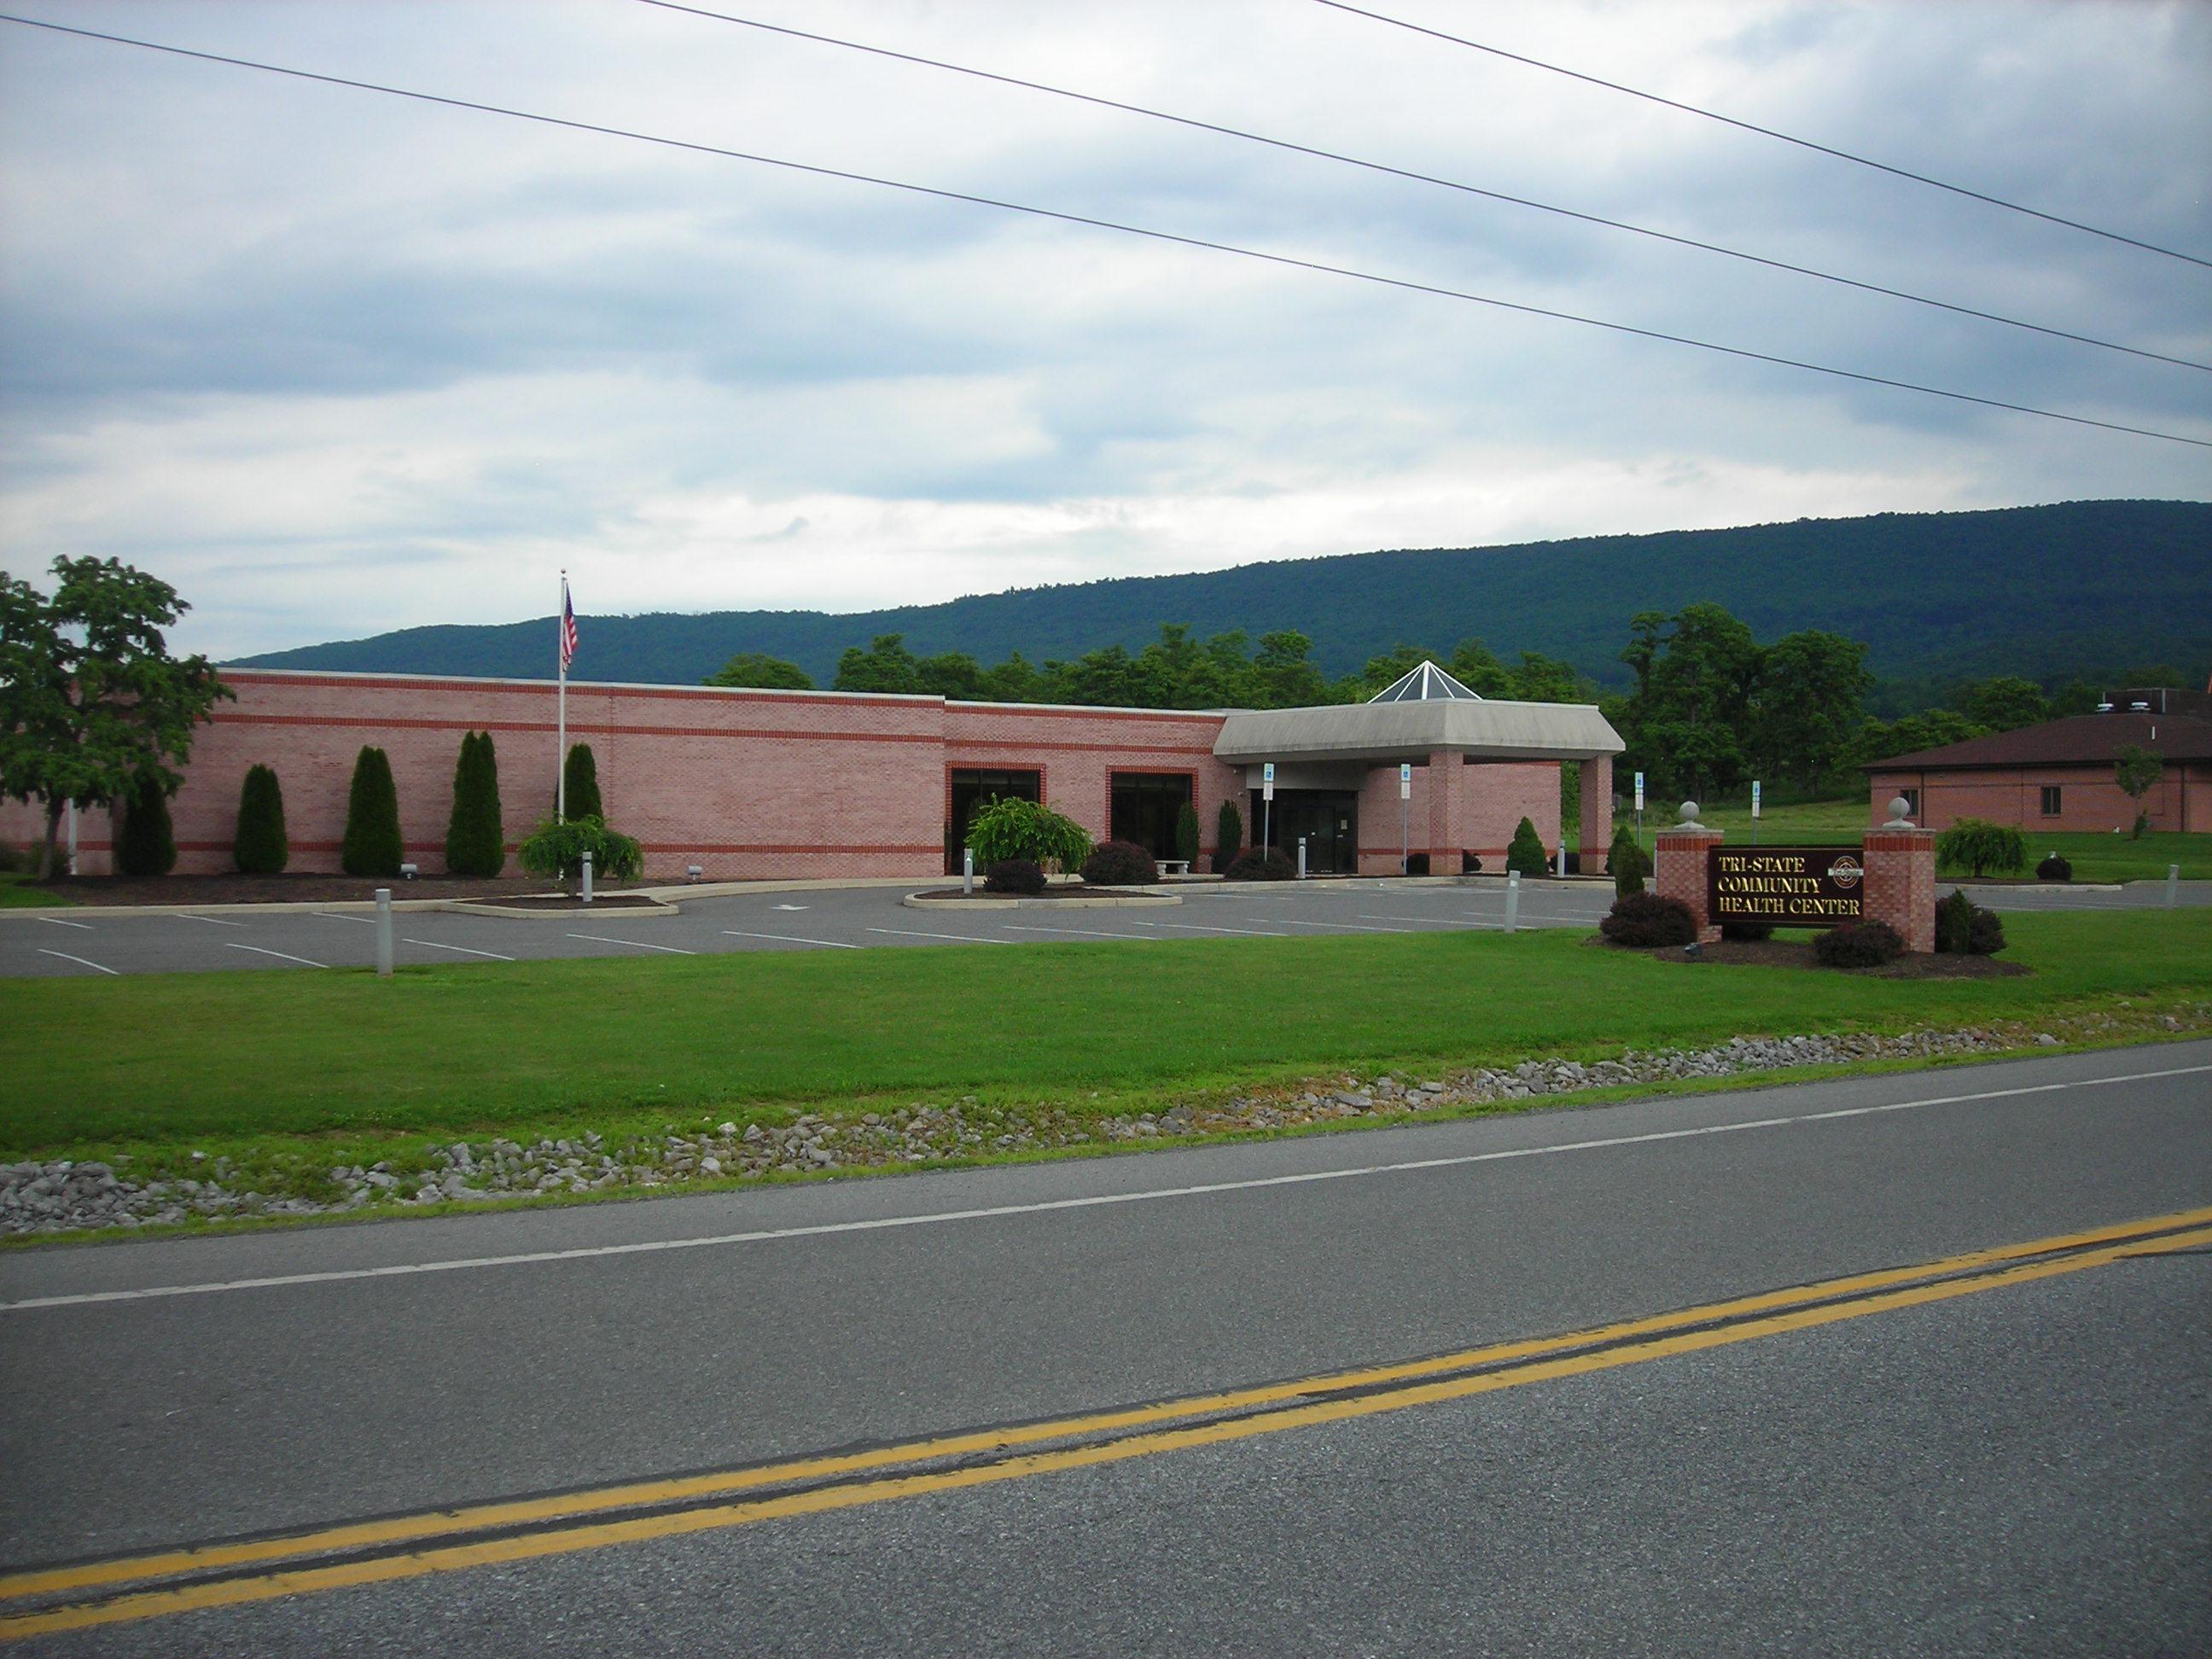 Tri-State Health Care Facility